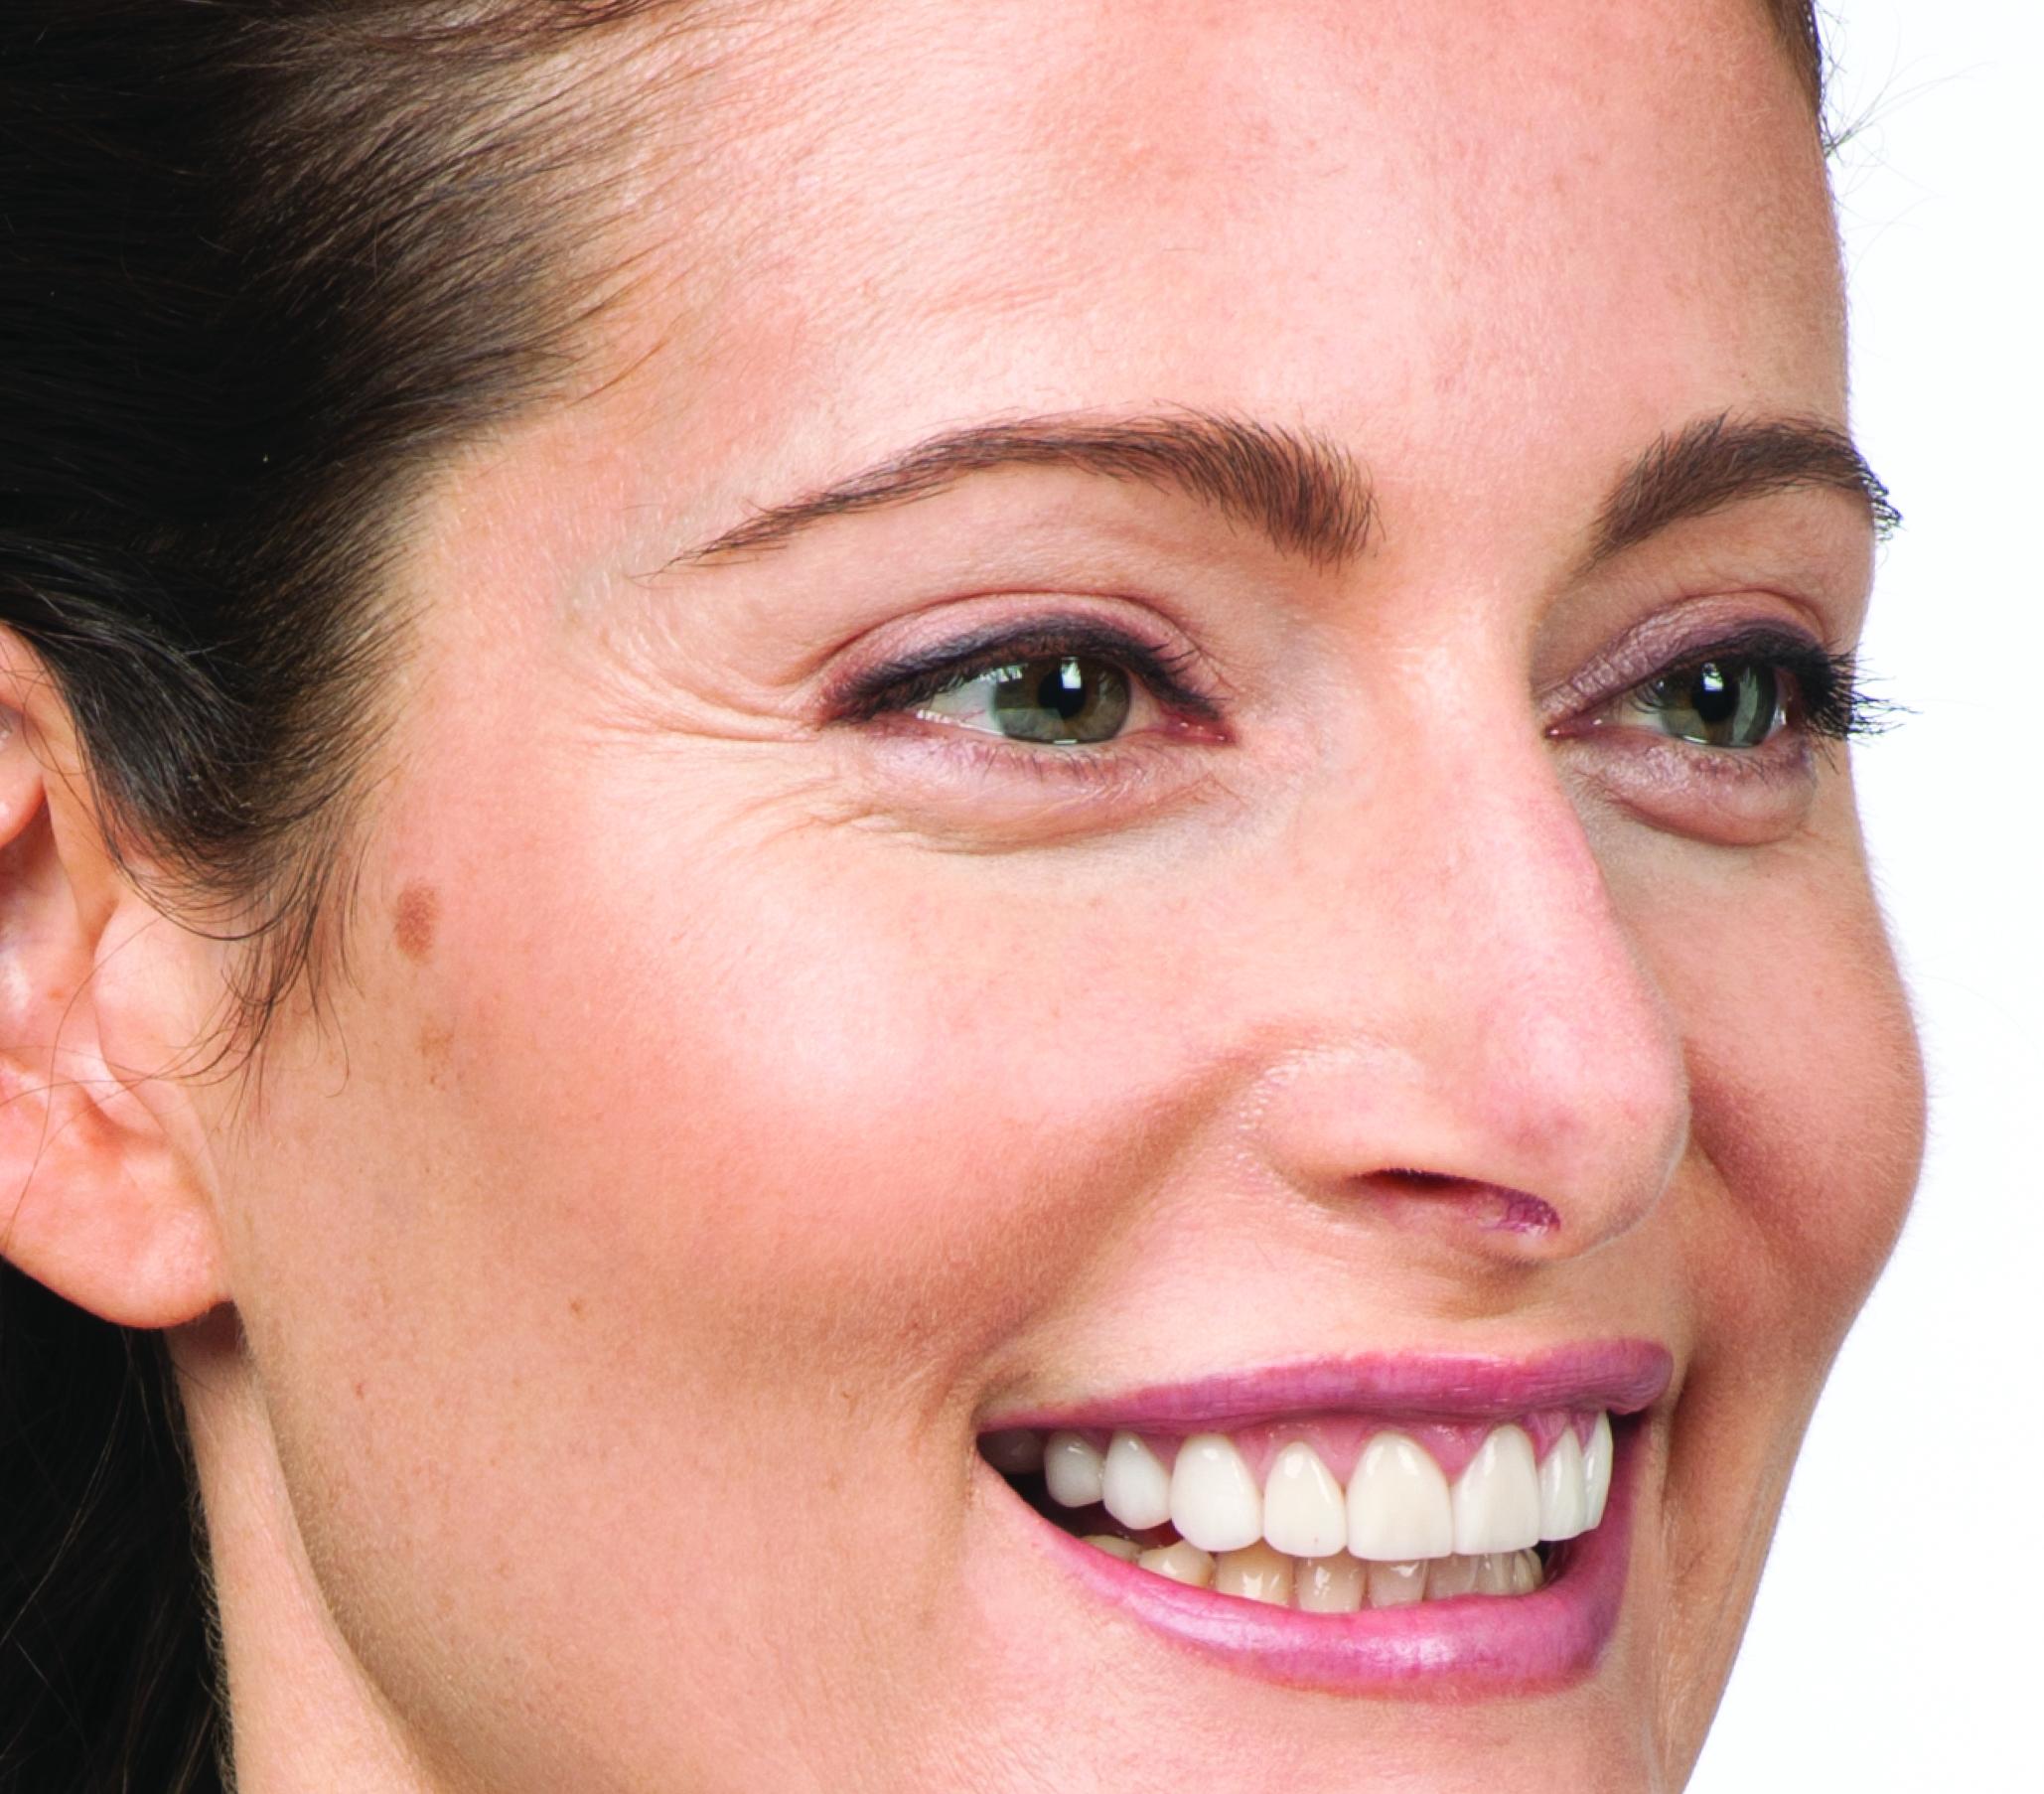 Before Botox (Hollis, 39)